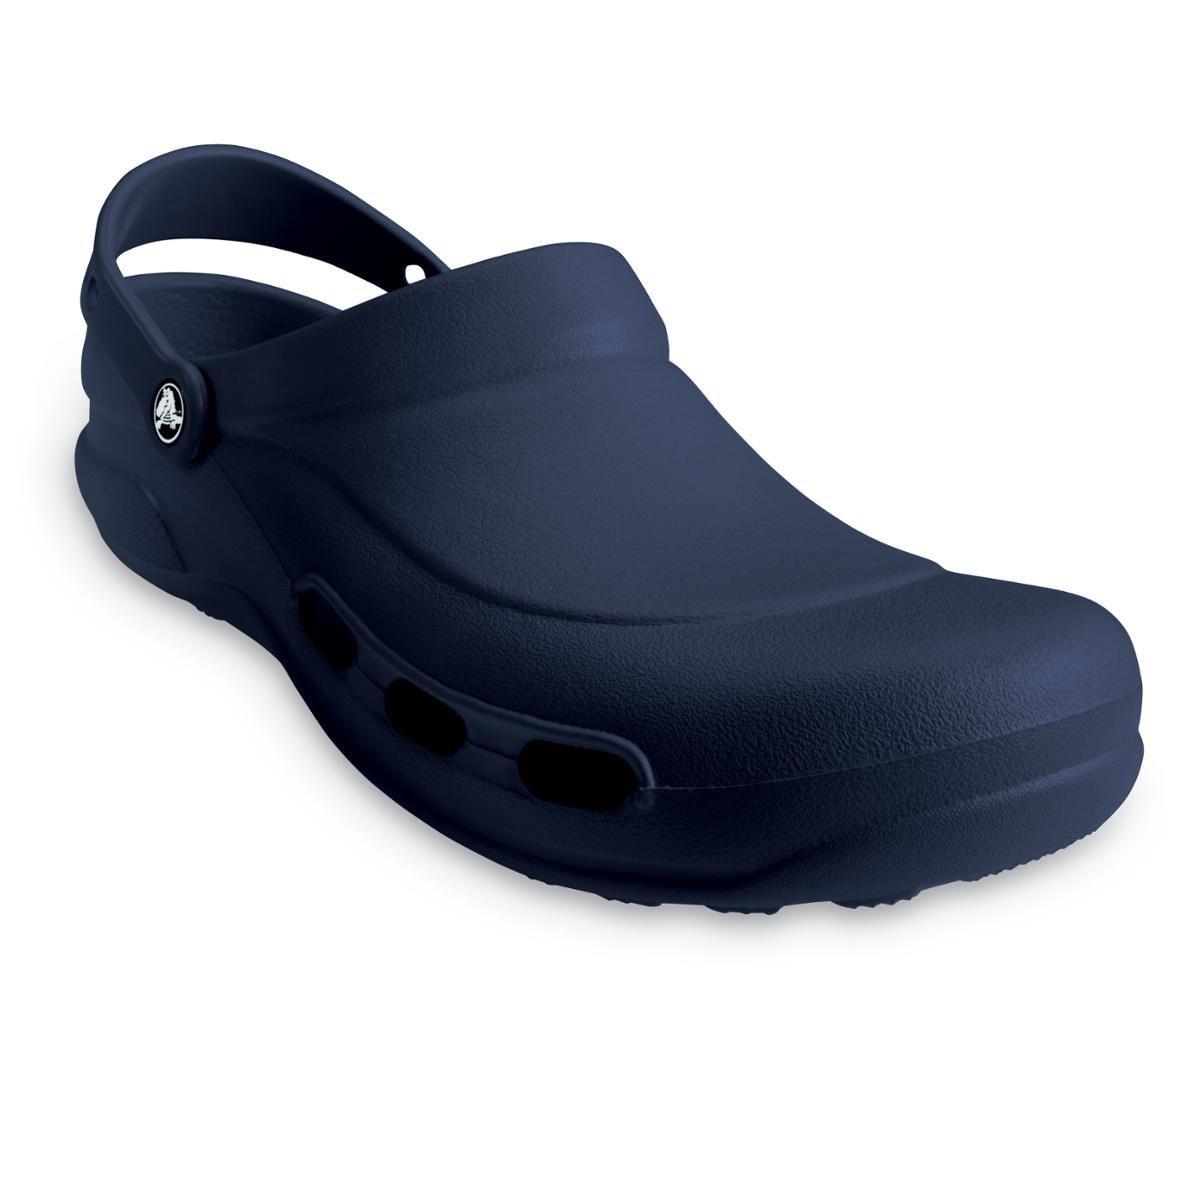 75016a93f Carregando zoom... sandália crocs crocs specialist vent navy + nfe